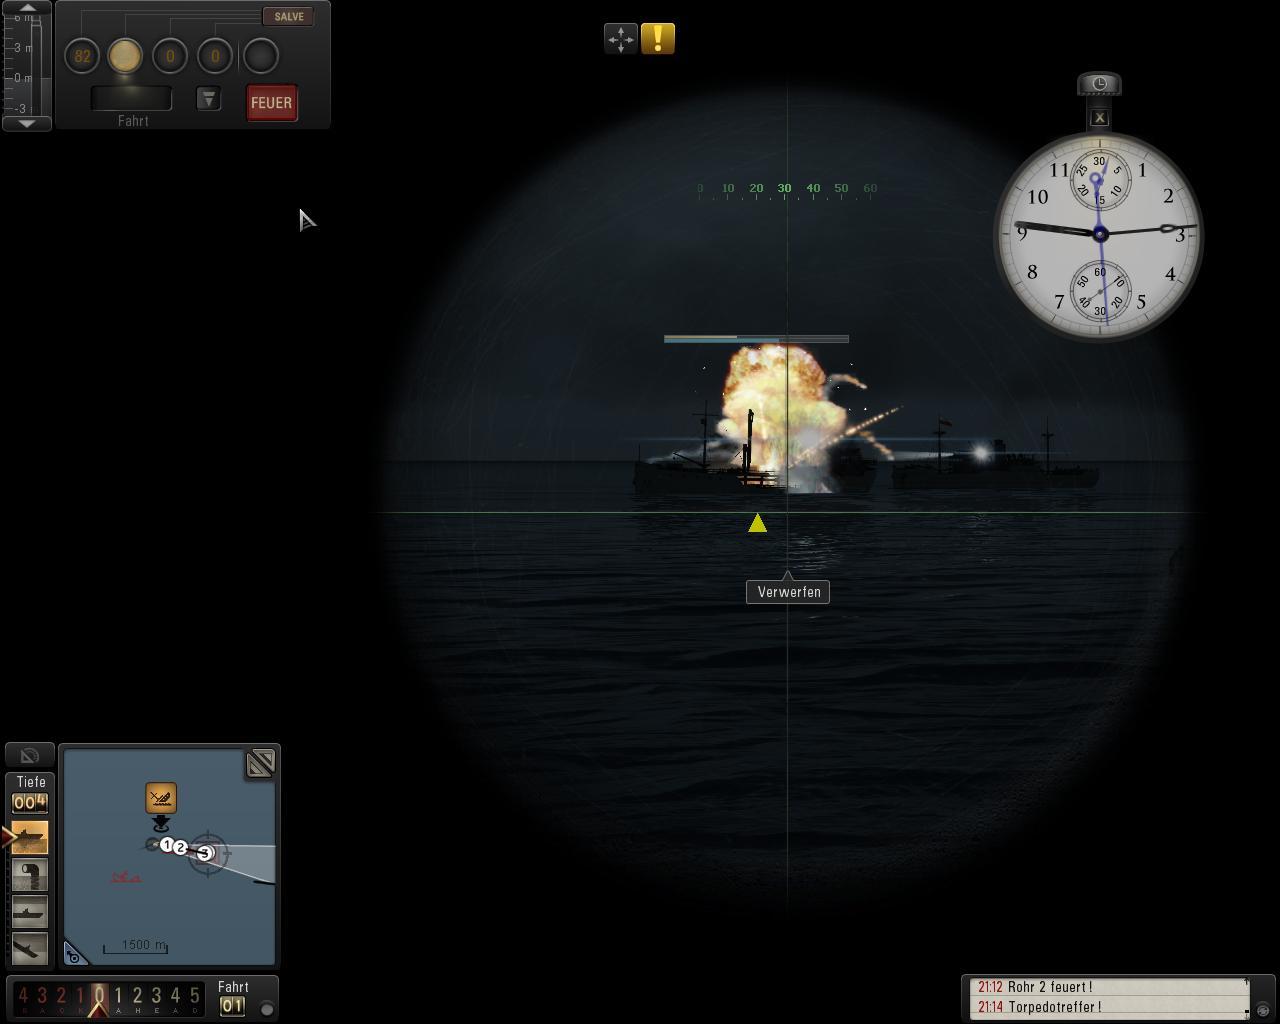 Spieletest: Silent Hunter 5 - spielerische Untiefen - Treffer: Feindliches Schiff nach Torpedoeinschlag